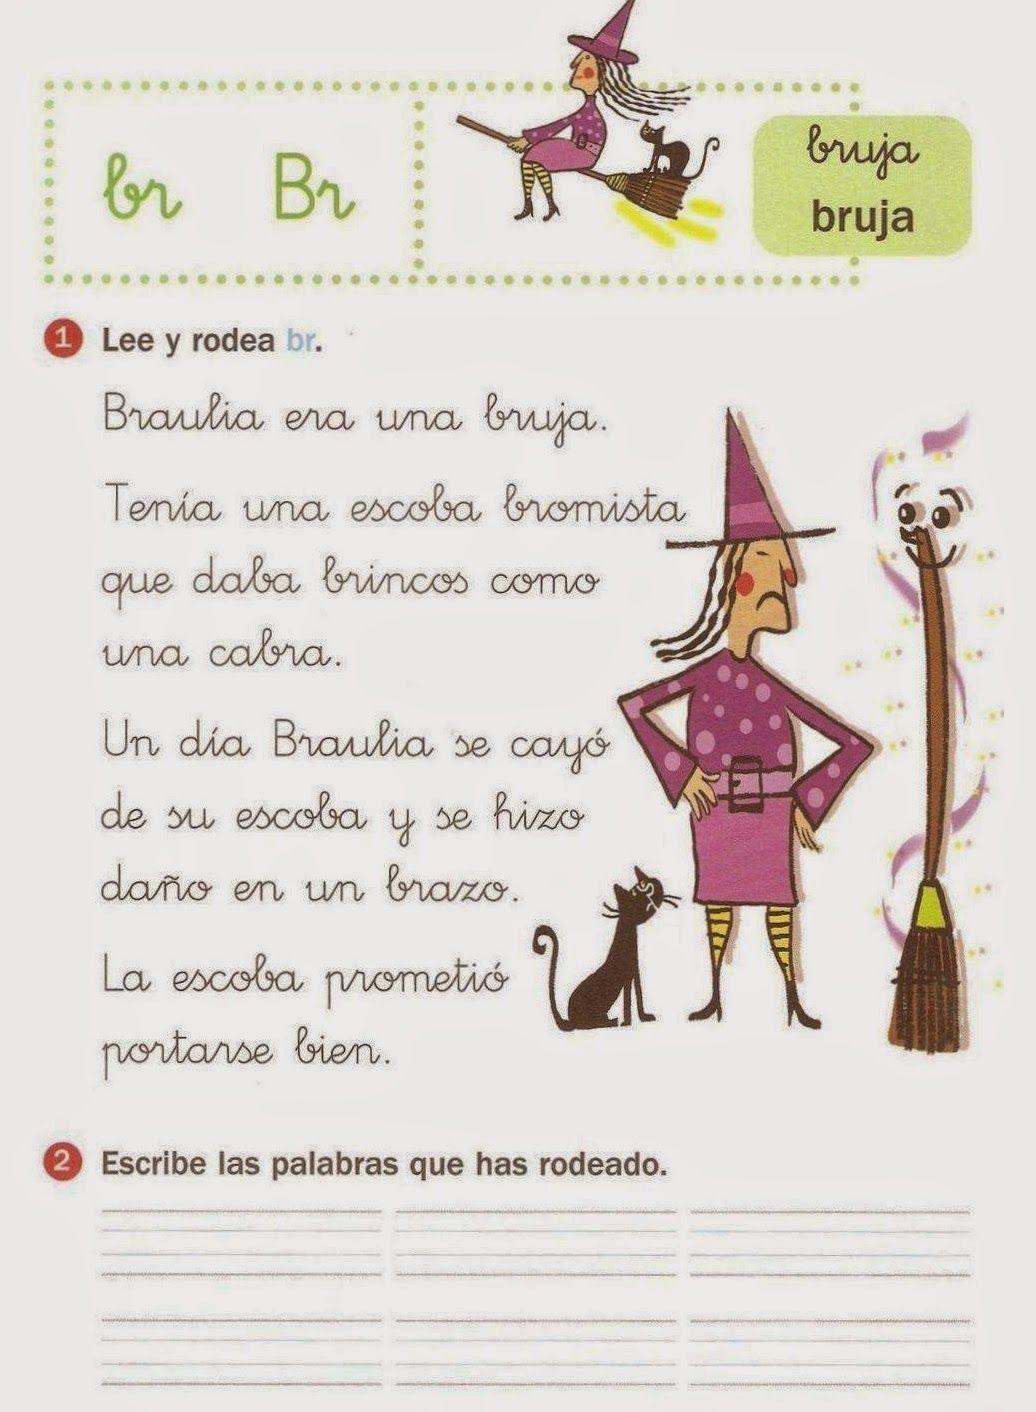 Resultado de imagen para TRABALENGUAS CON BR BL | 2nd form ...